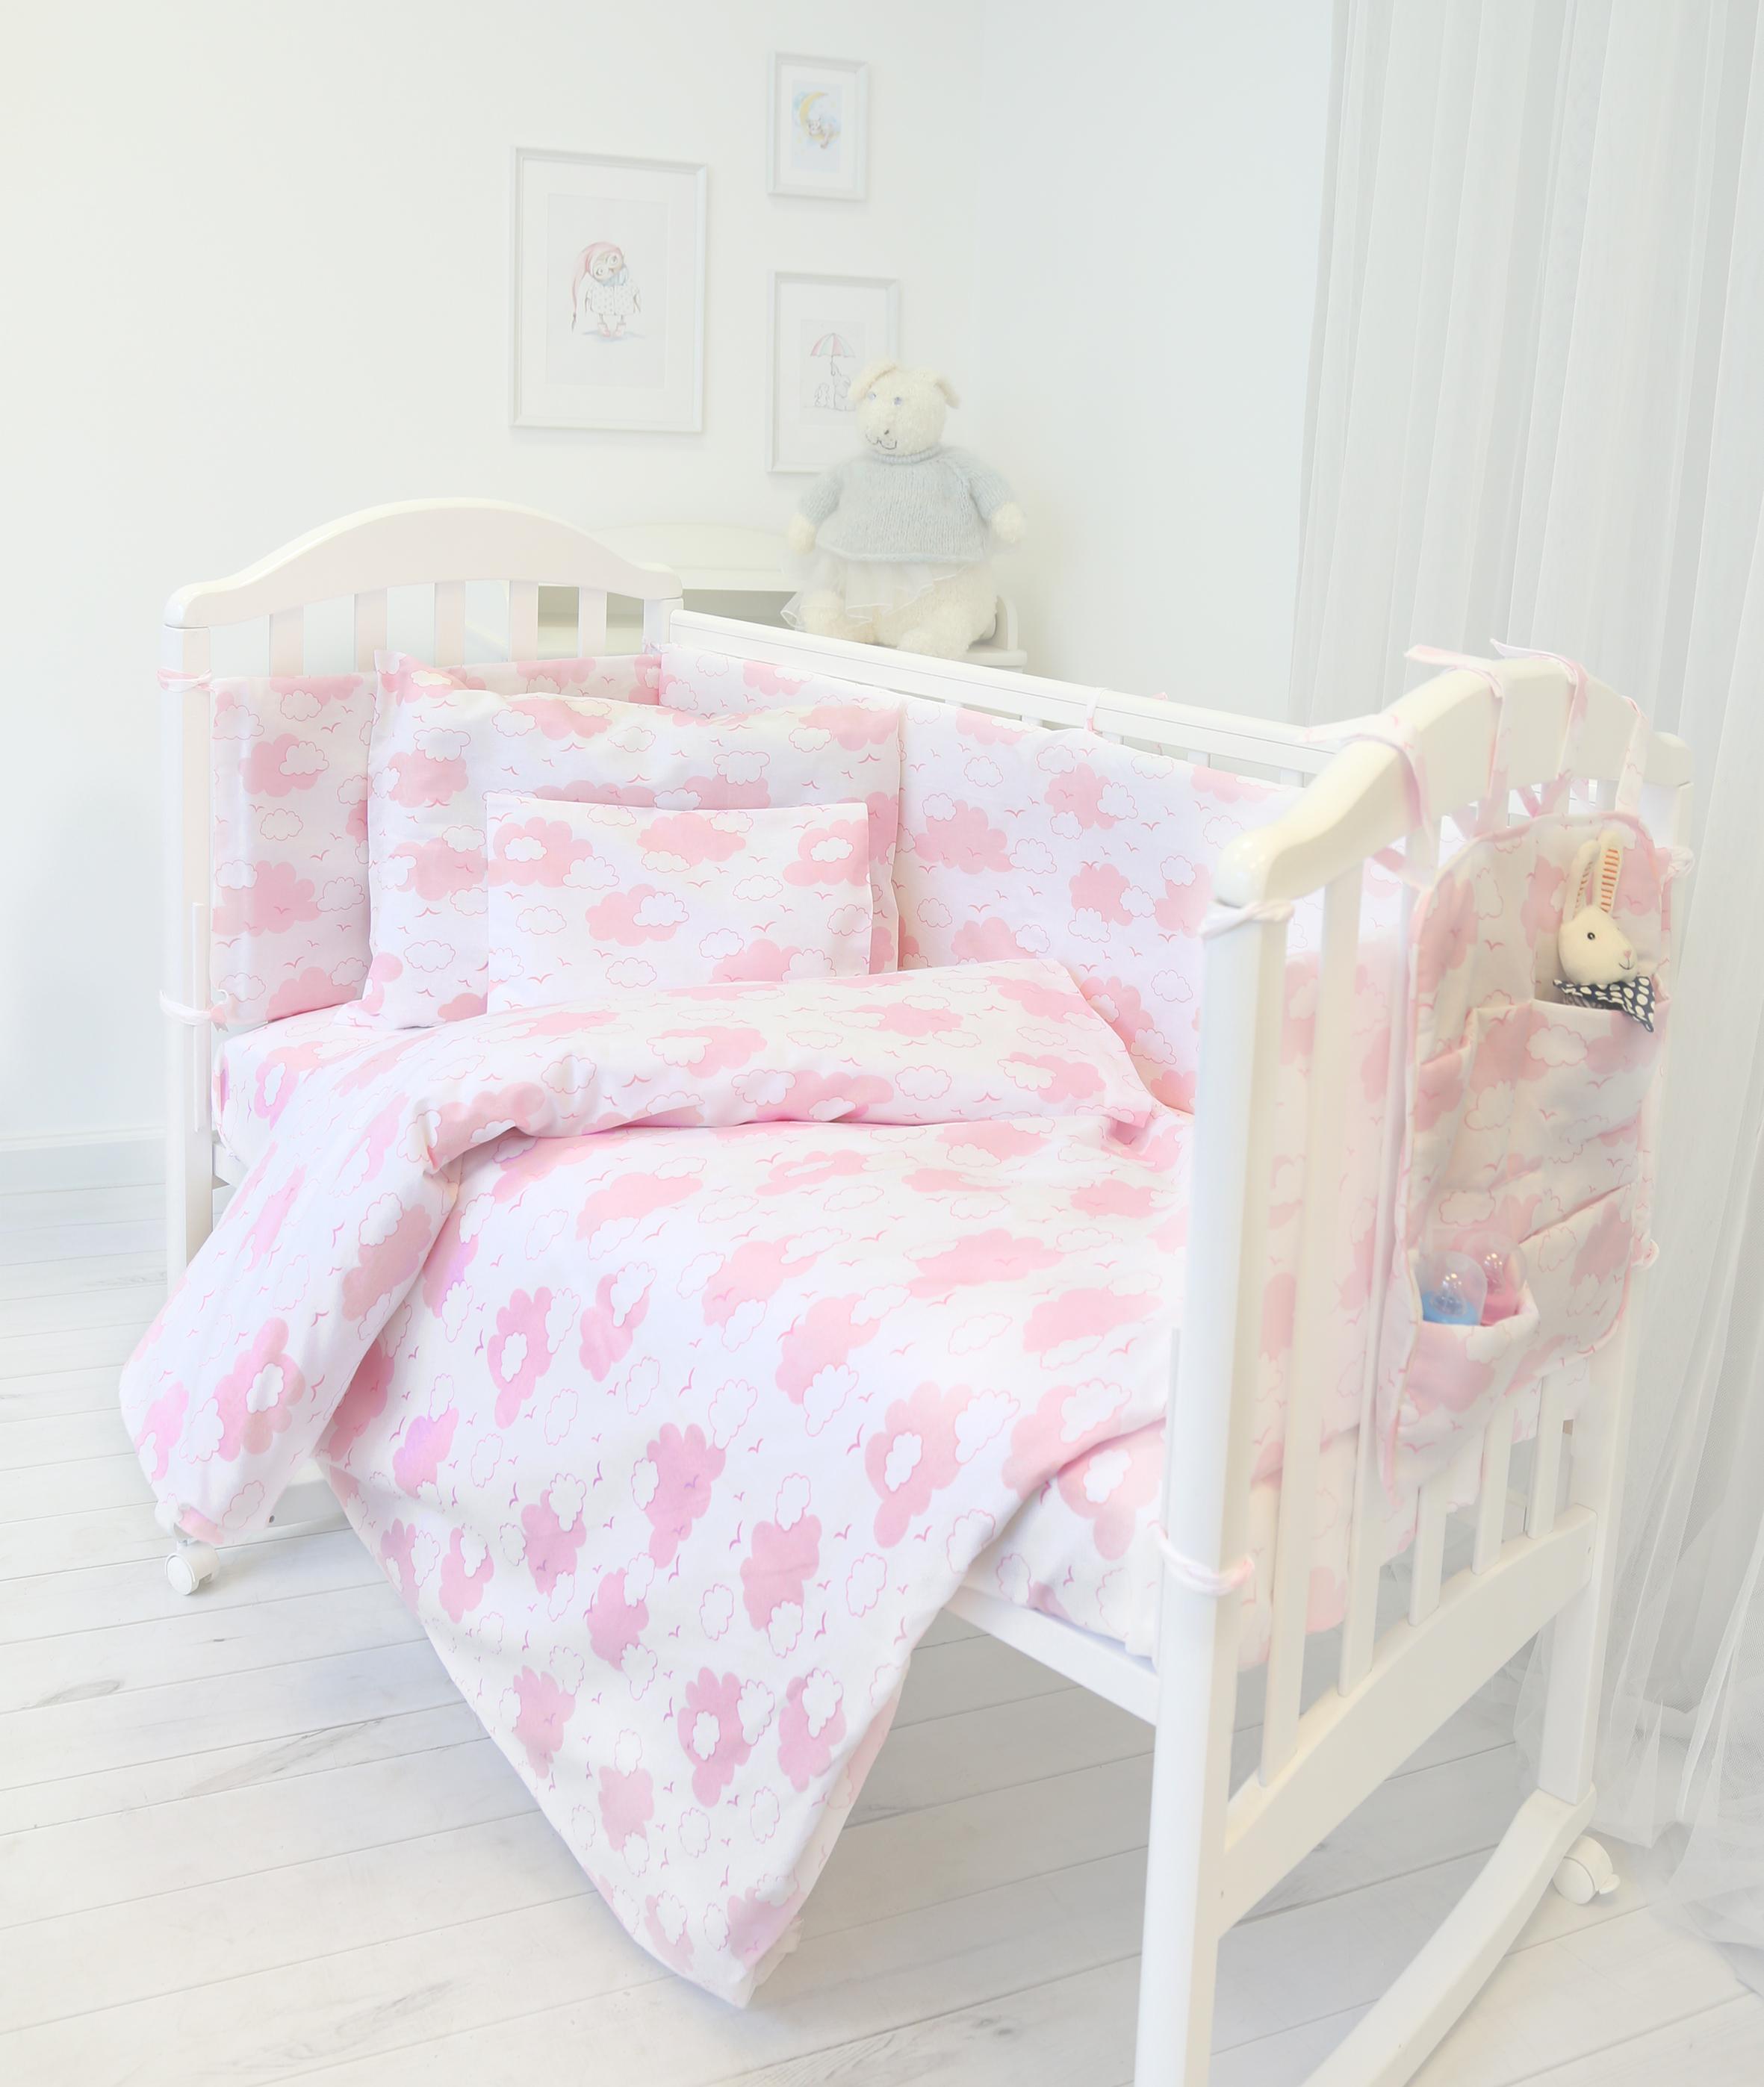 Споки Ноки Комплект в кроватку Облака цвет розовый 9 предметов розовый цвет 9 12 months